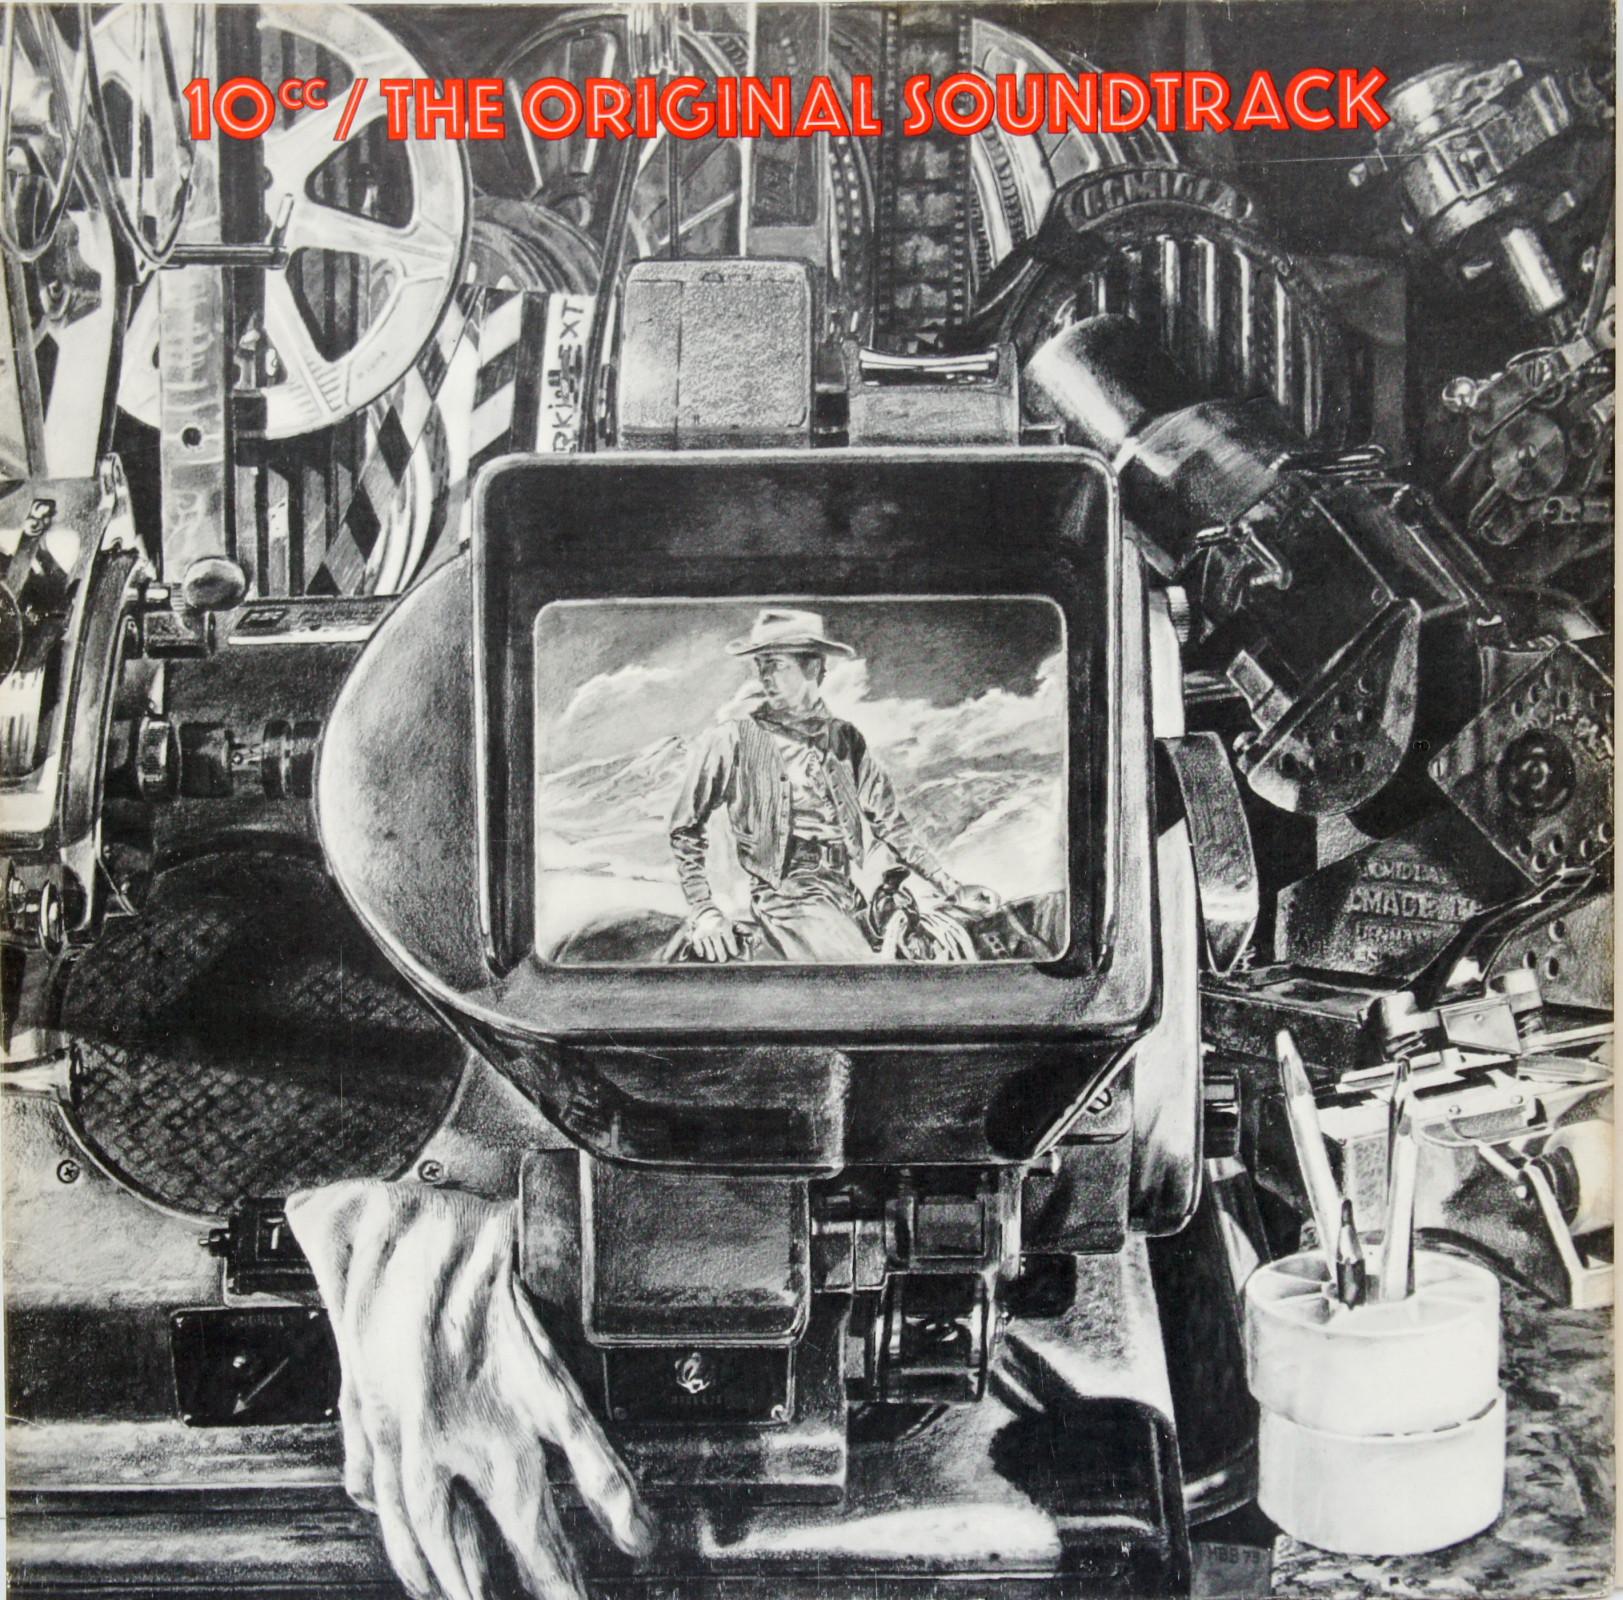 10cc The Original Soundtrack